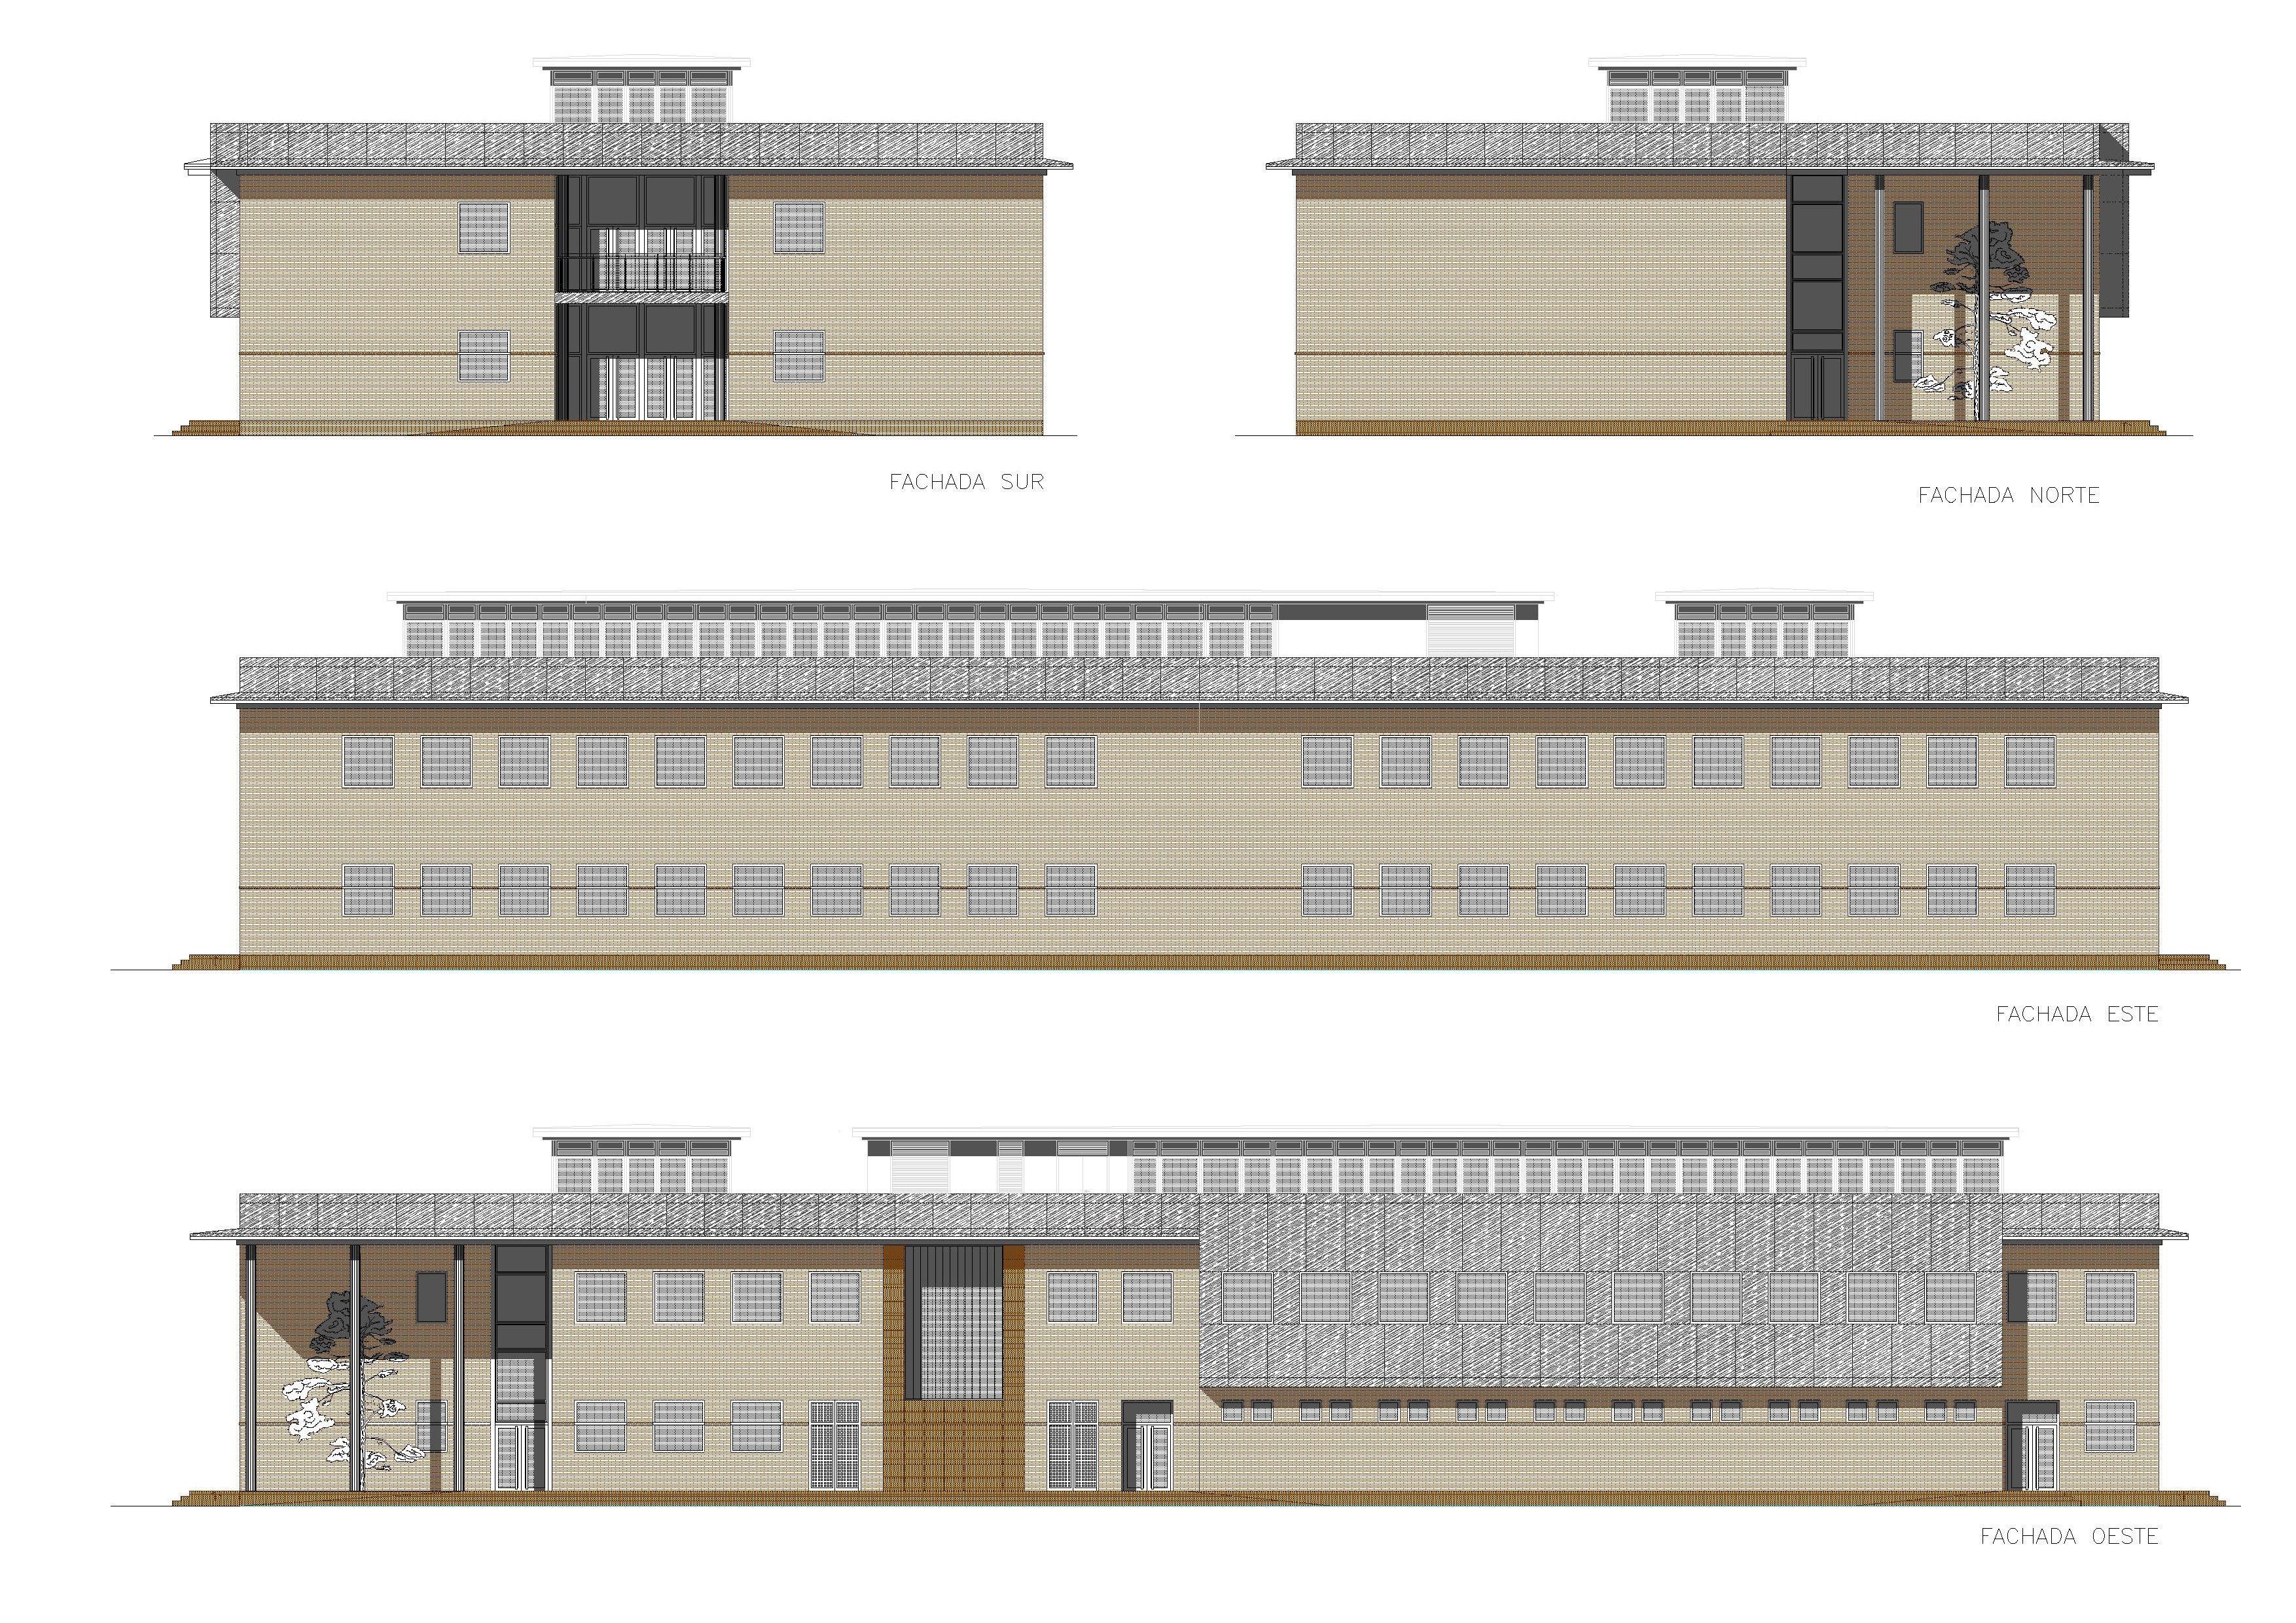 Planos de fachadas fileplanos del proyecto de sedejpg for Planos de bibliotecas